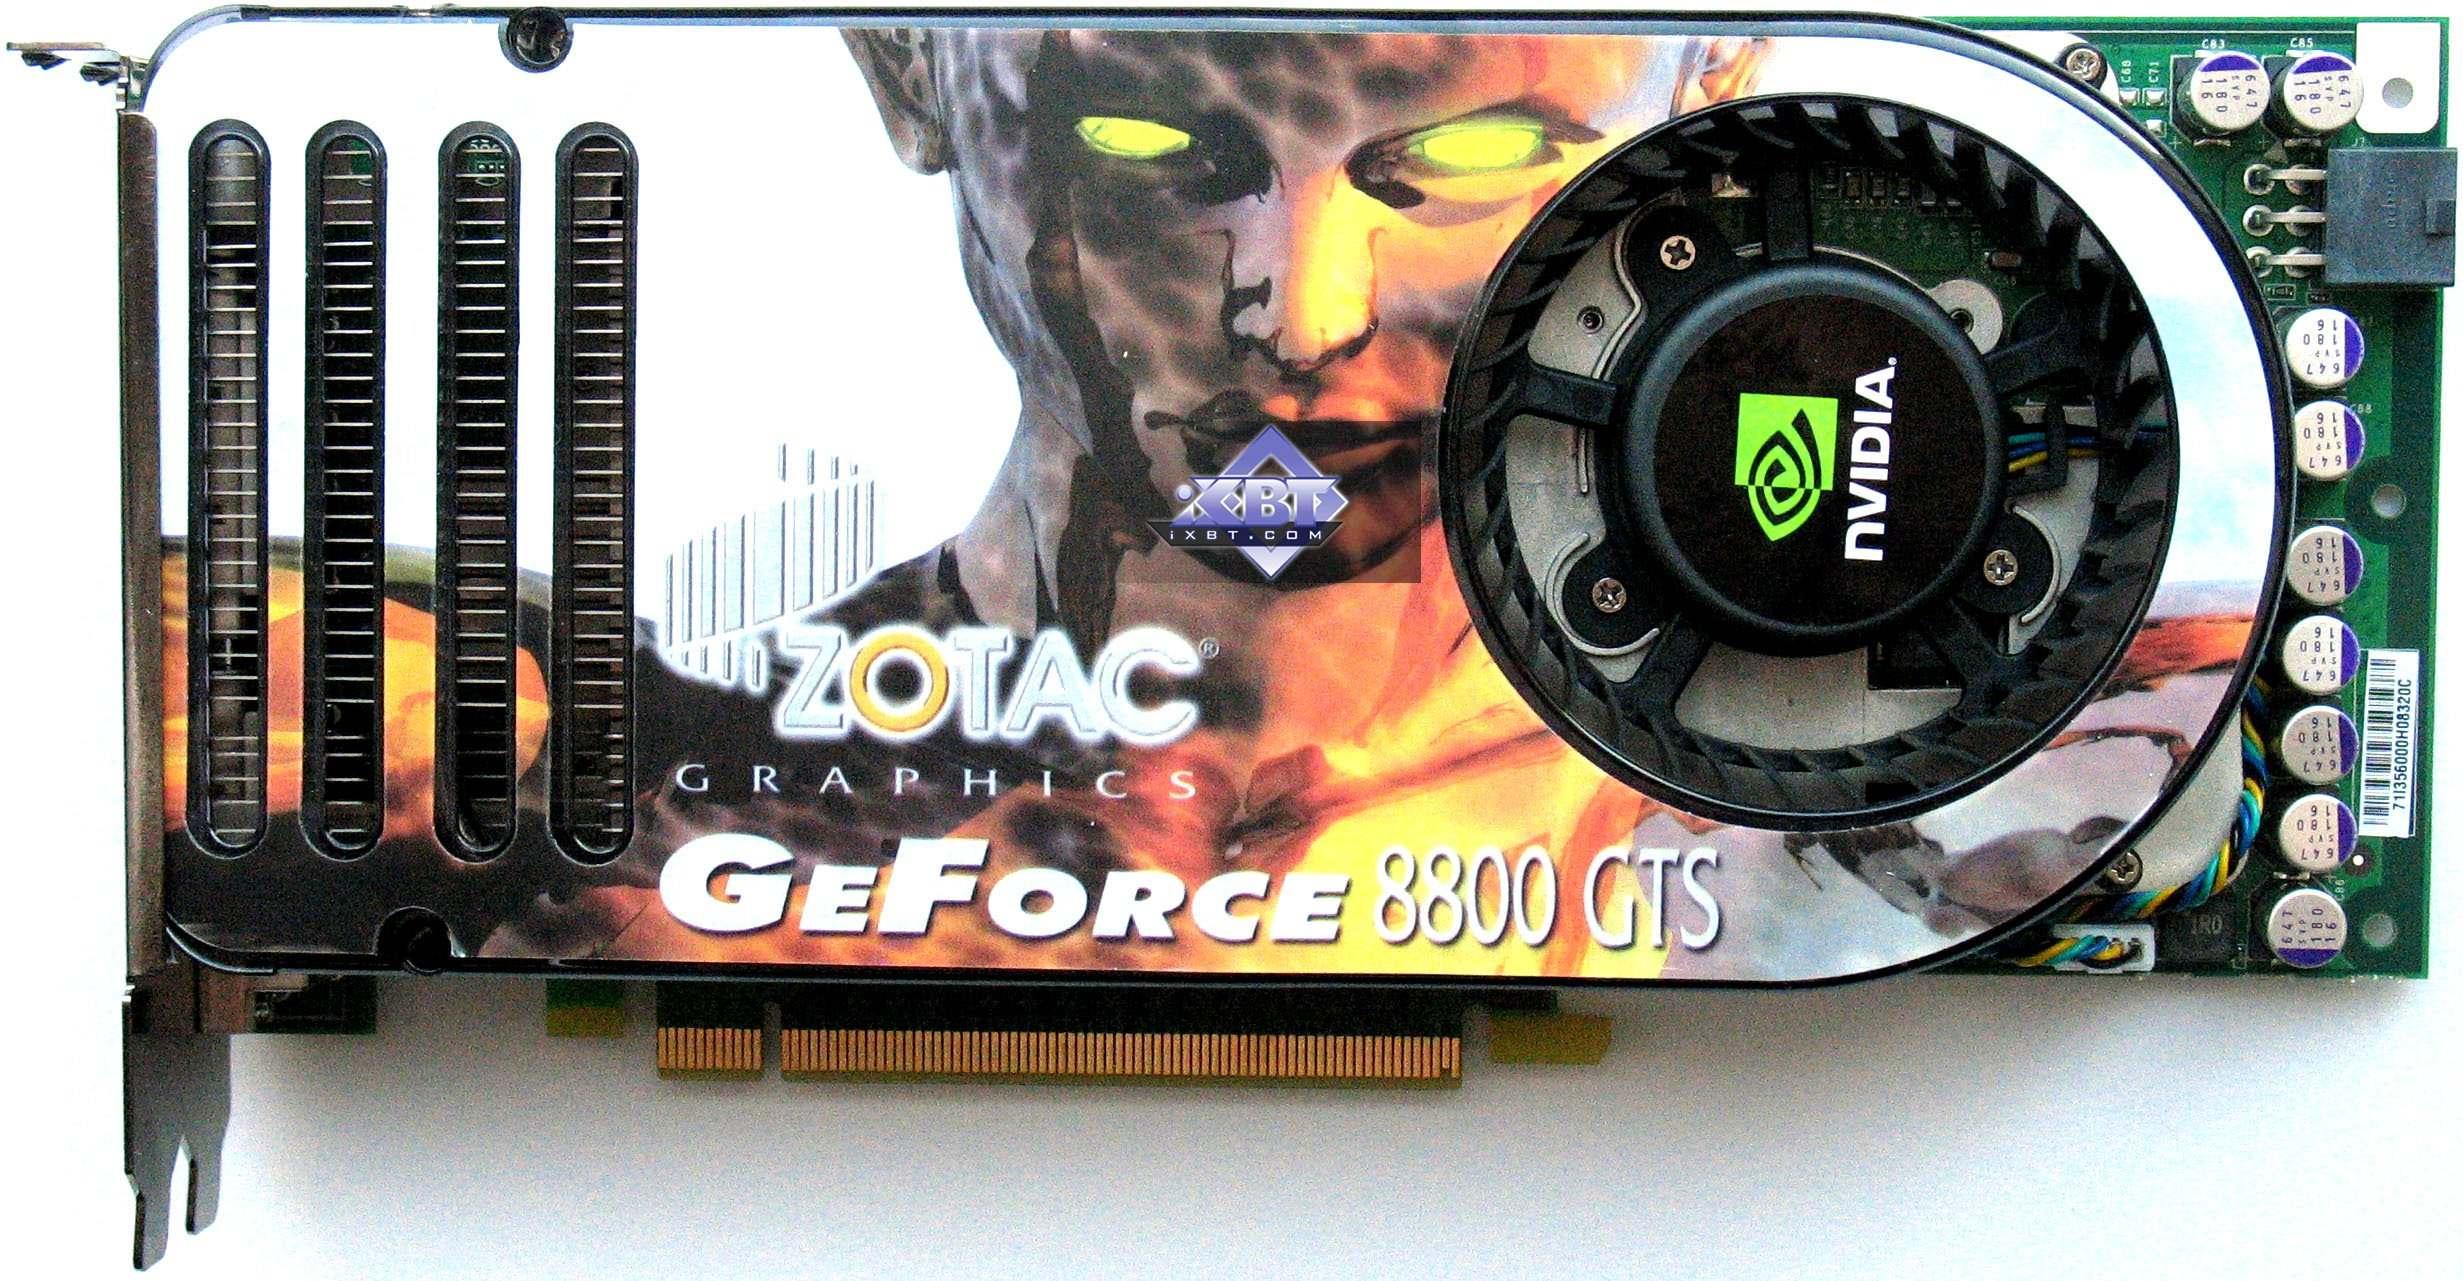 Купить видеокарту nx8800gts или аналогичную евро буксы с выводом на биткоин